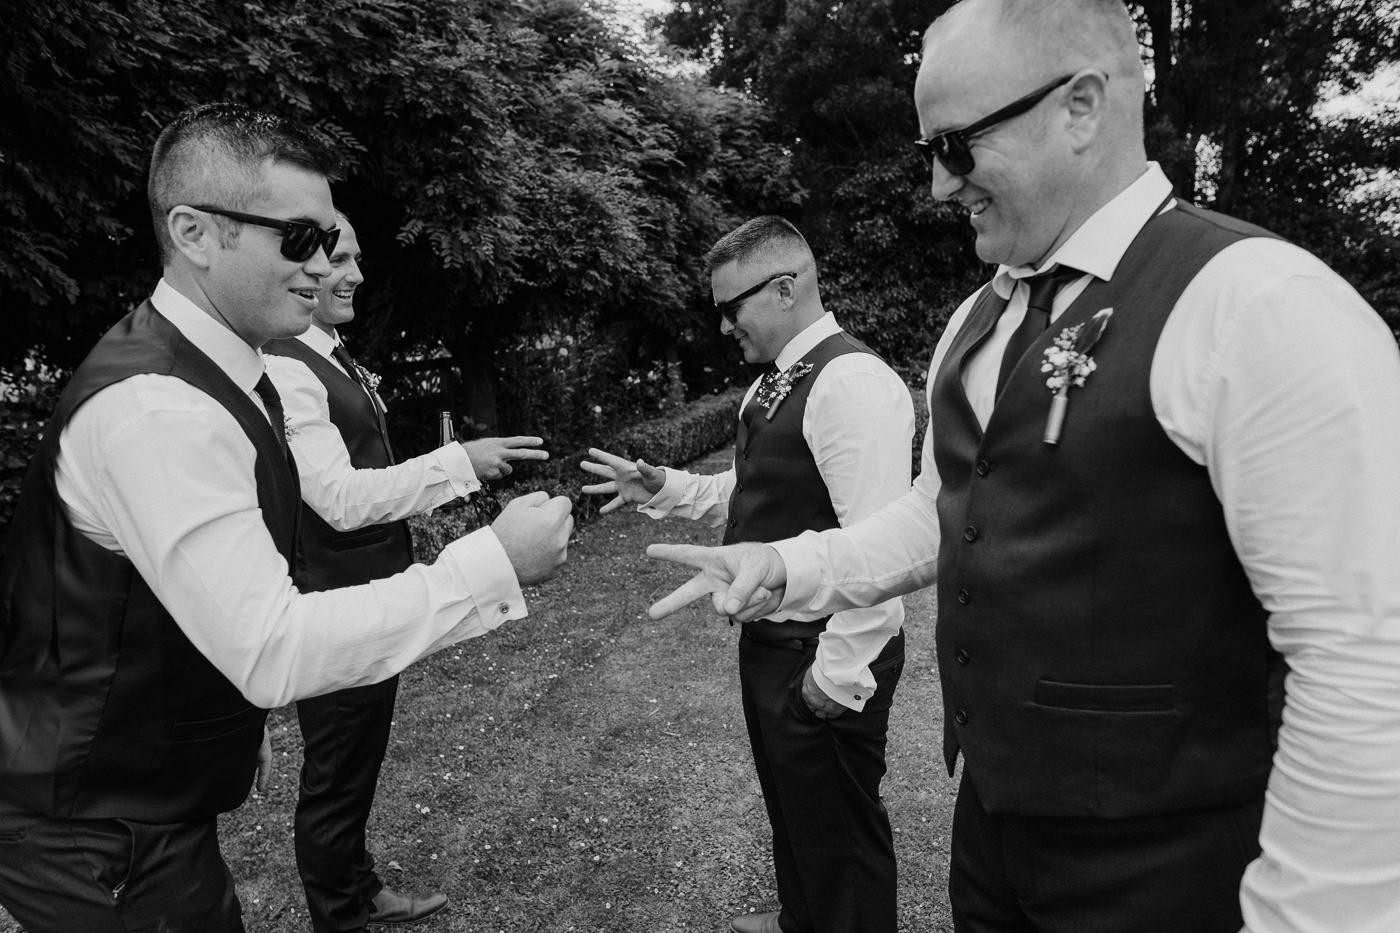 nz_wedding_photographer_gisborne-1066.jpg